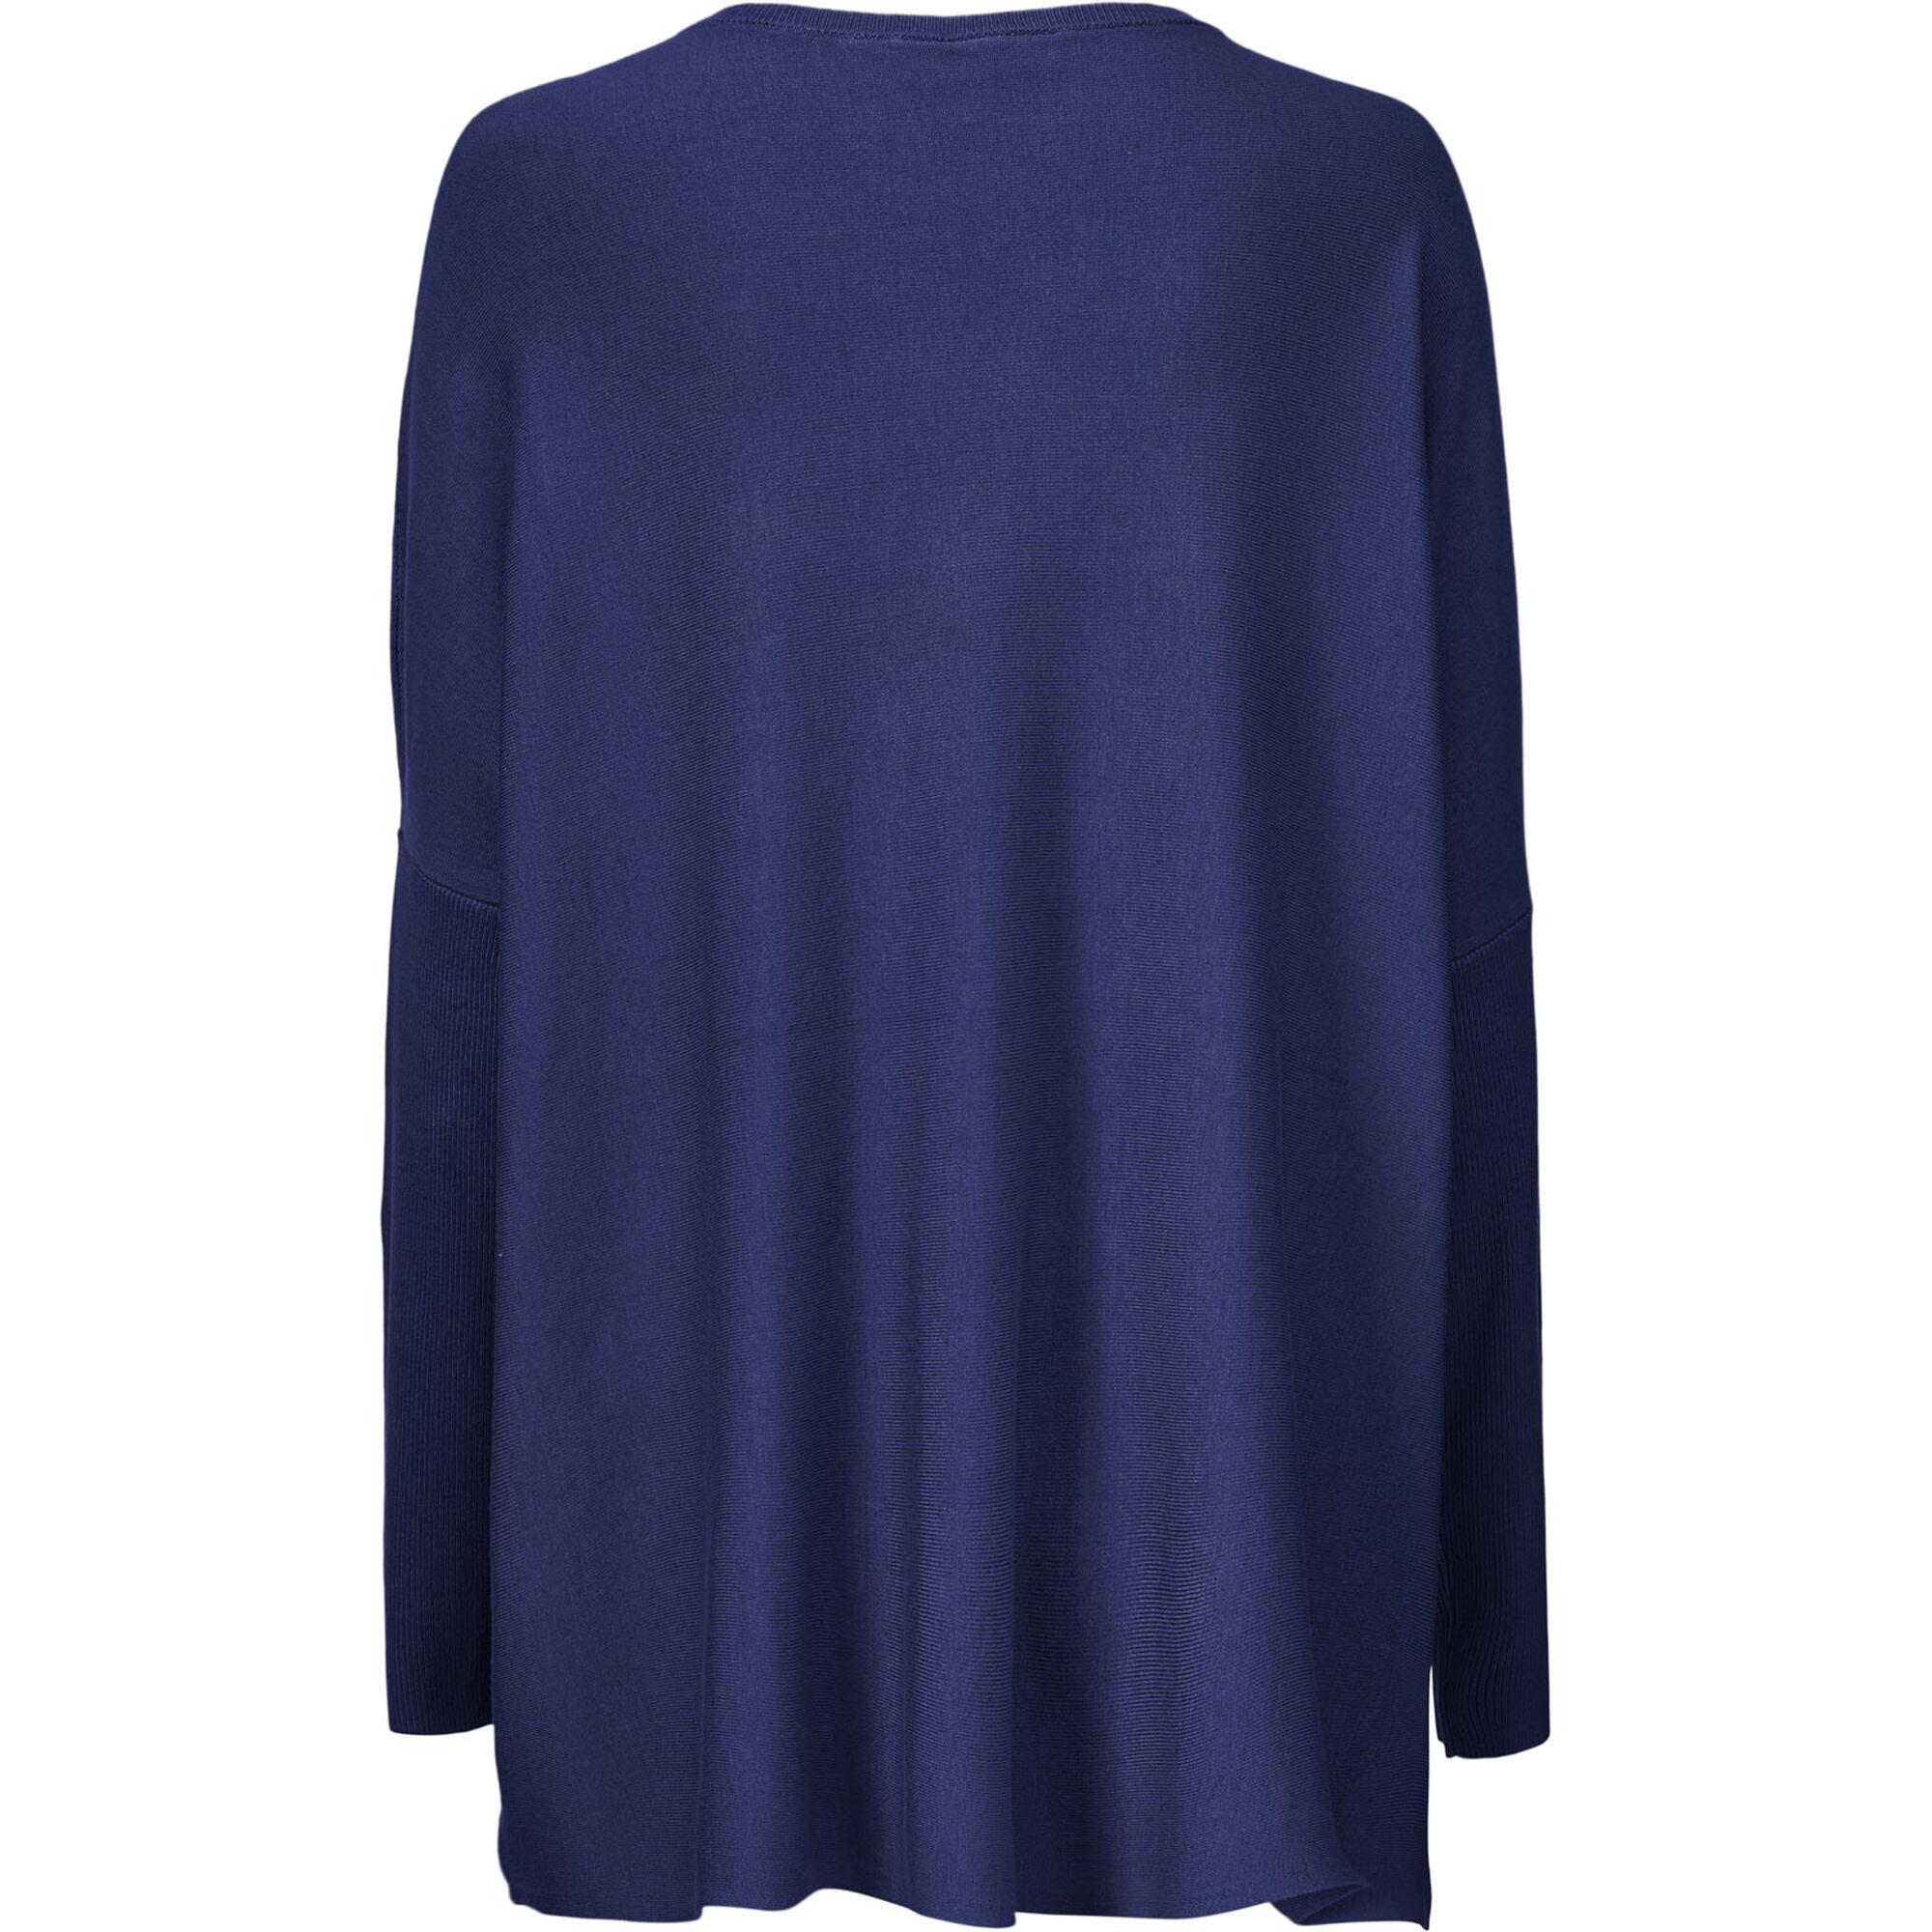 FANASI TOP, Crown Blue, hi-res